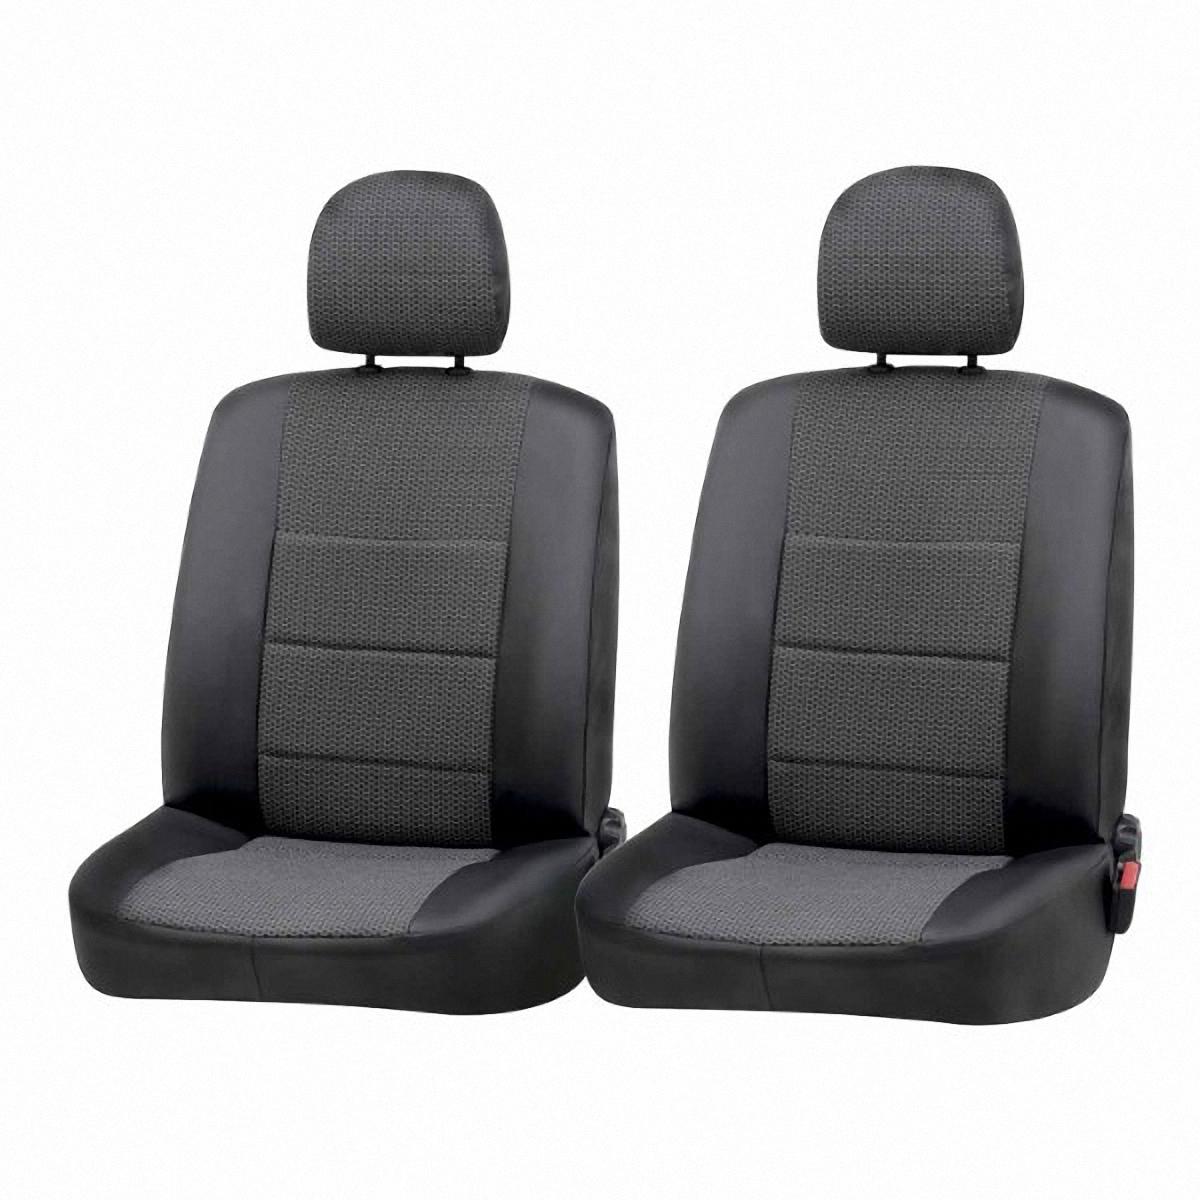 Чехлы автомобильные Skyway, для УАЗ Patriot 2005-2014. U1-2KU1-2KАвтомобильные чехлы Skyway изготовлены из качественного жаккарда и экокожи. Чехлы идеально повторяют штатную форму сидений и выглядят как оригинальная обивка сидений. Разработаны индивидуально для каждой модели автомобиля. Авточехлы Skyway просты в уходе - загрязнения легко удаляются влажной тканью. Чехлы имеют раздельную схему надевания. В комплекте 12 предметов.